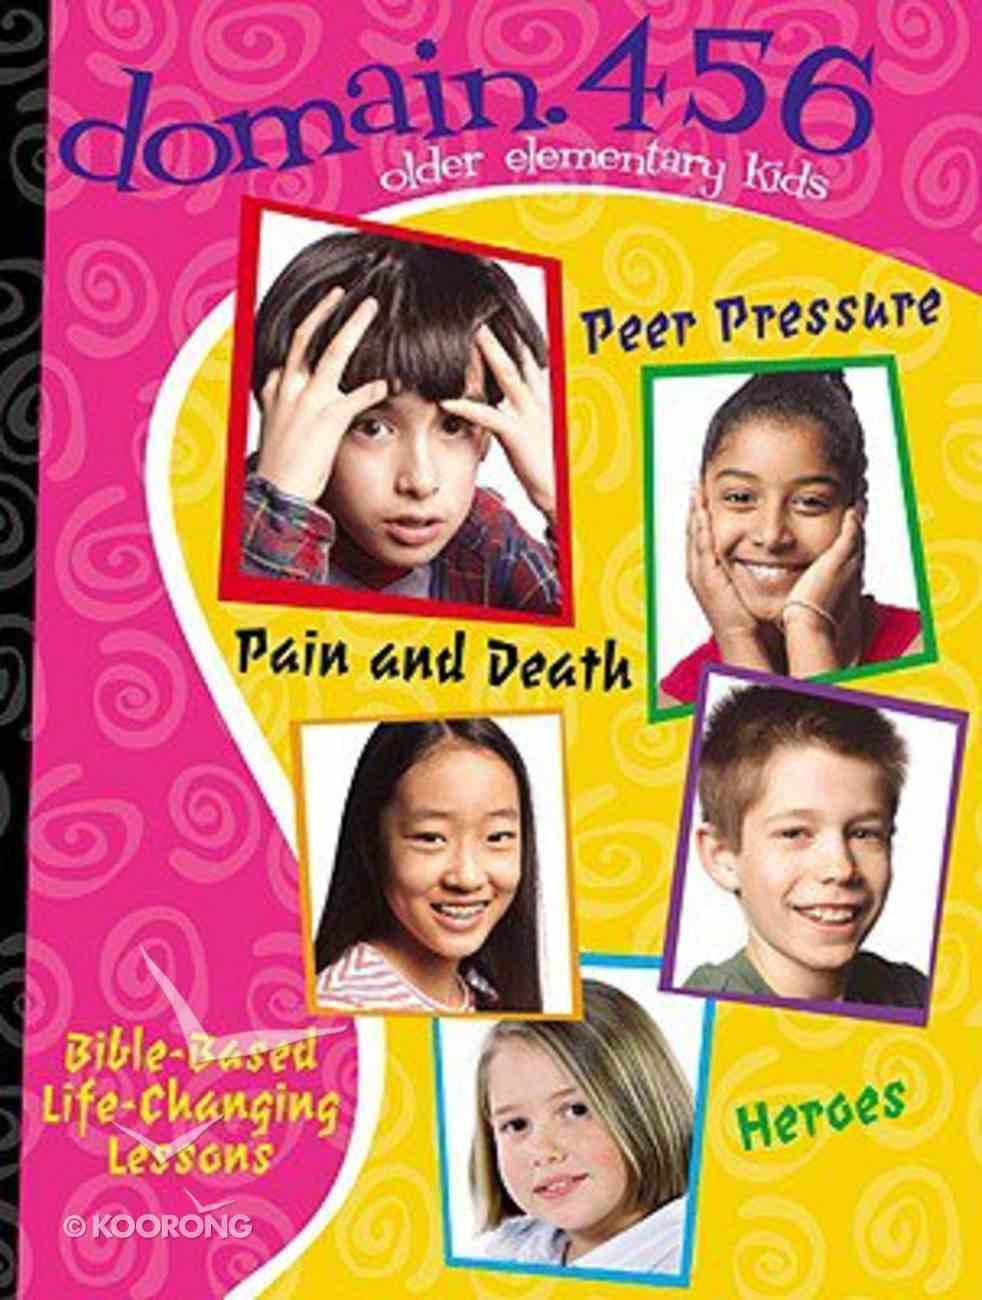 Domain 456: Peer Pressure, Pain and Death, Heroes Paperback